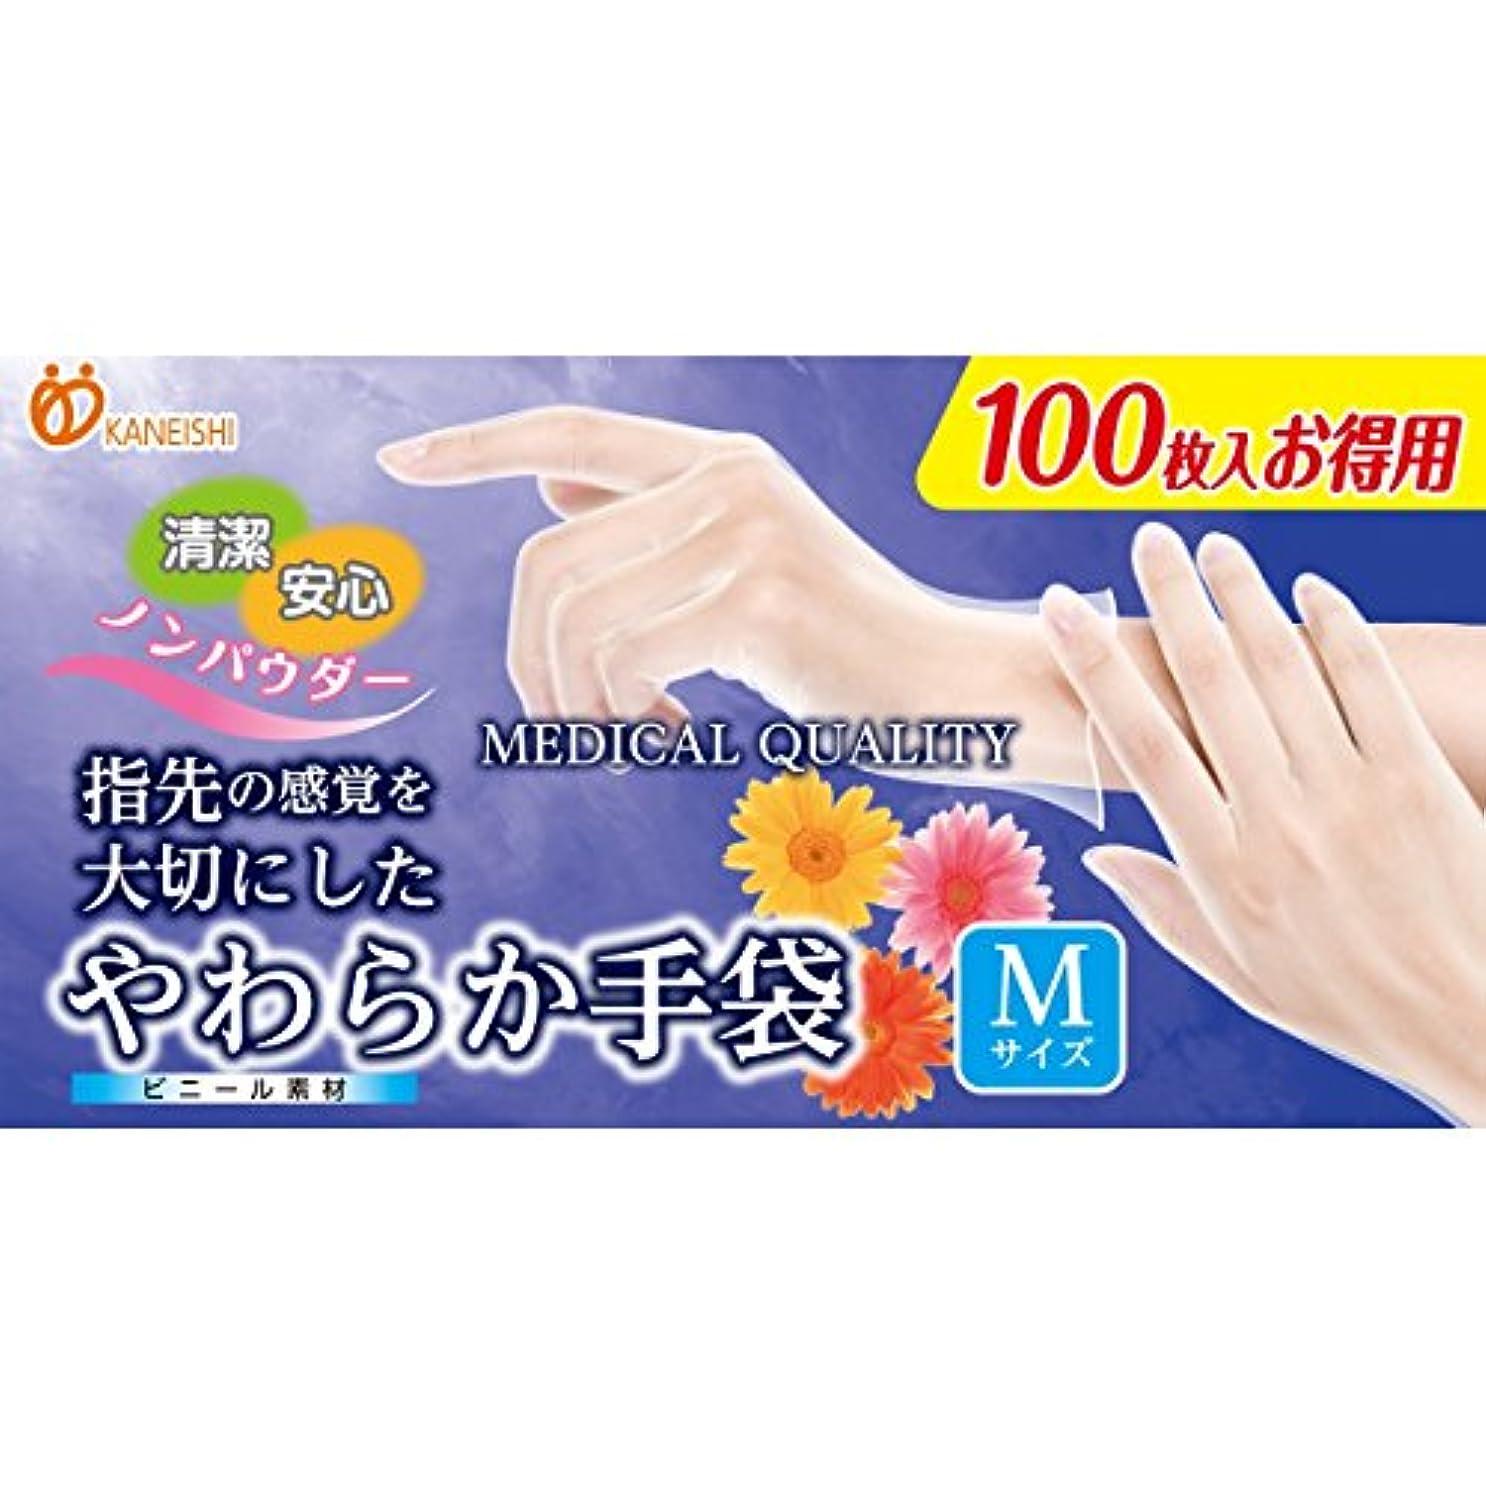 女優起点免疫やわらか手袋 ビニール素材 Mサイズ 100枚入